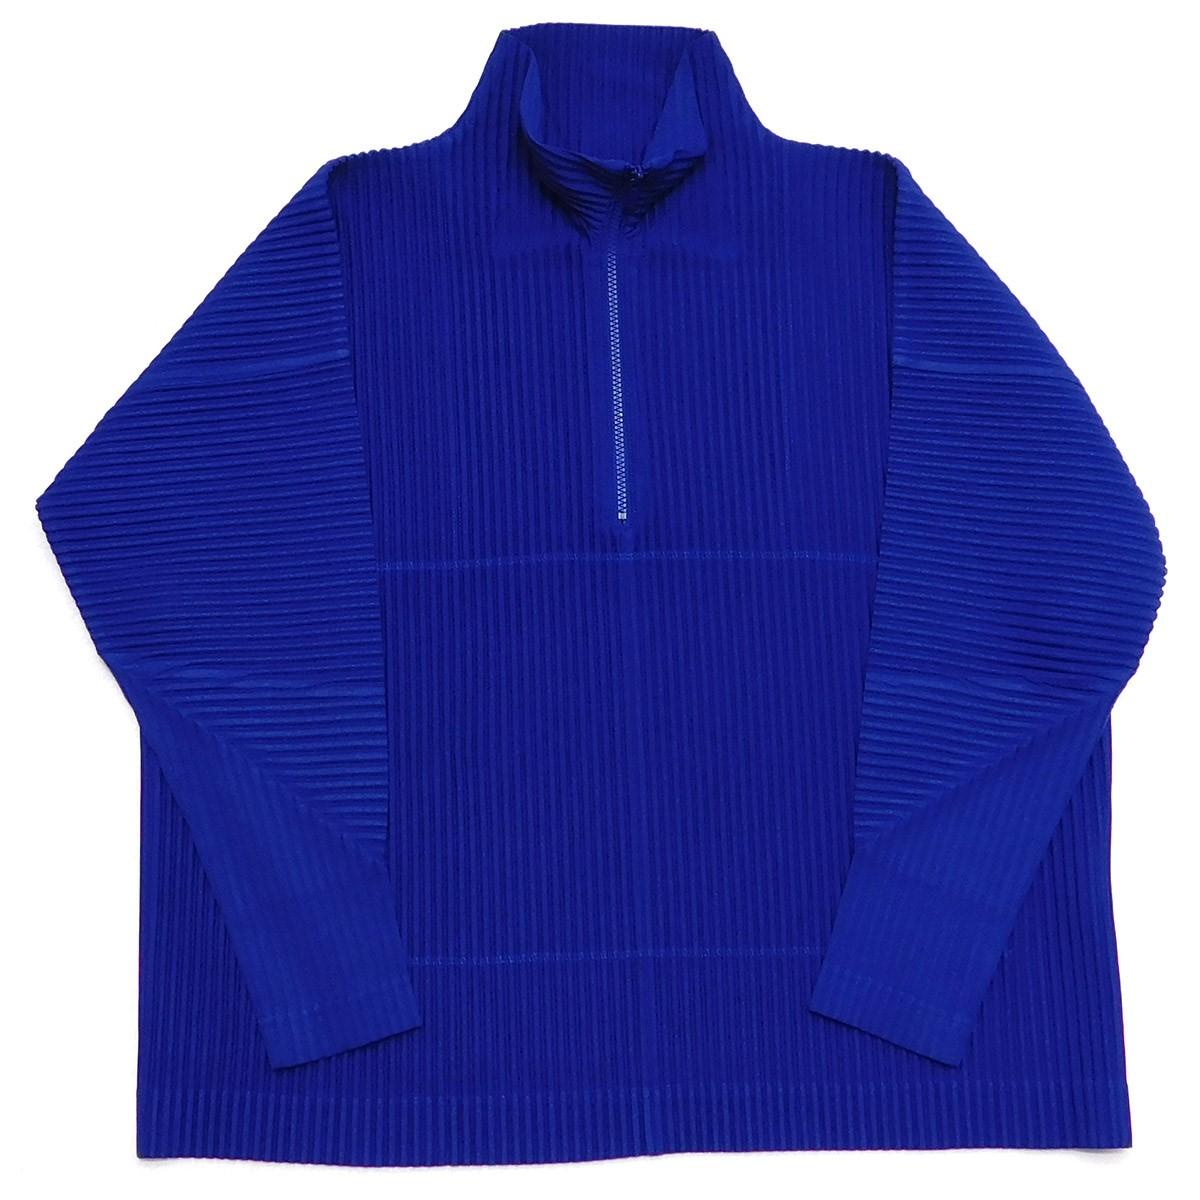 【中古】HOMME PLISSE ISSEY MIYAKE 2020SS プリーツハーフジッププルオーバーシャツジャケット ブルー サイズ:2 【250220】(オムプリッセ イッセイミヤケ)